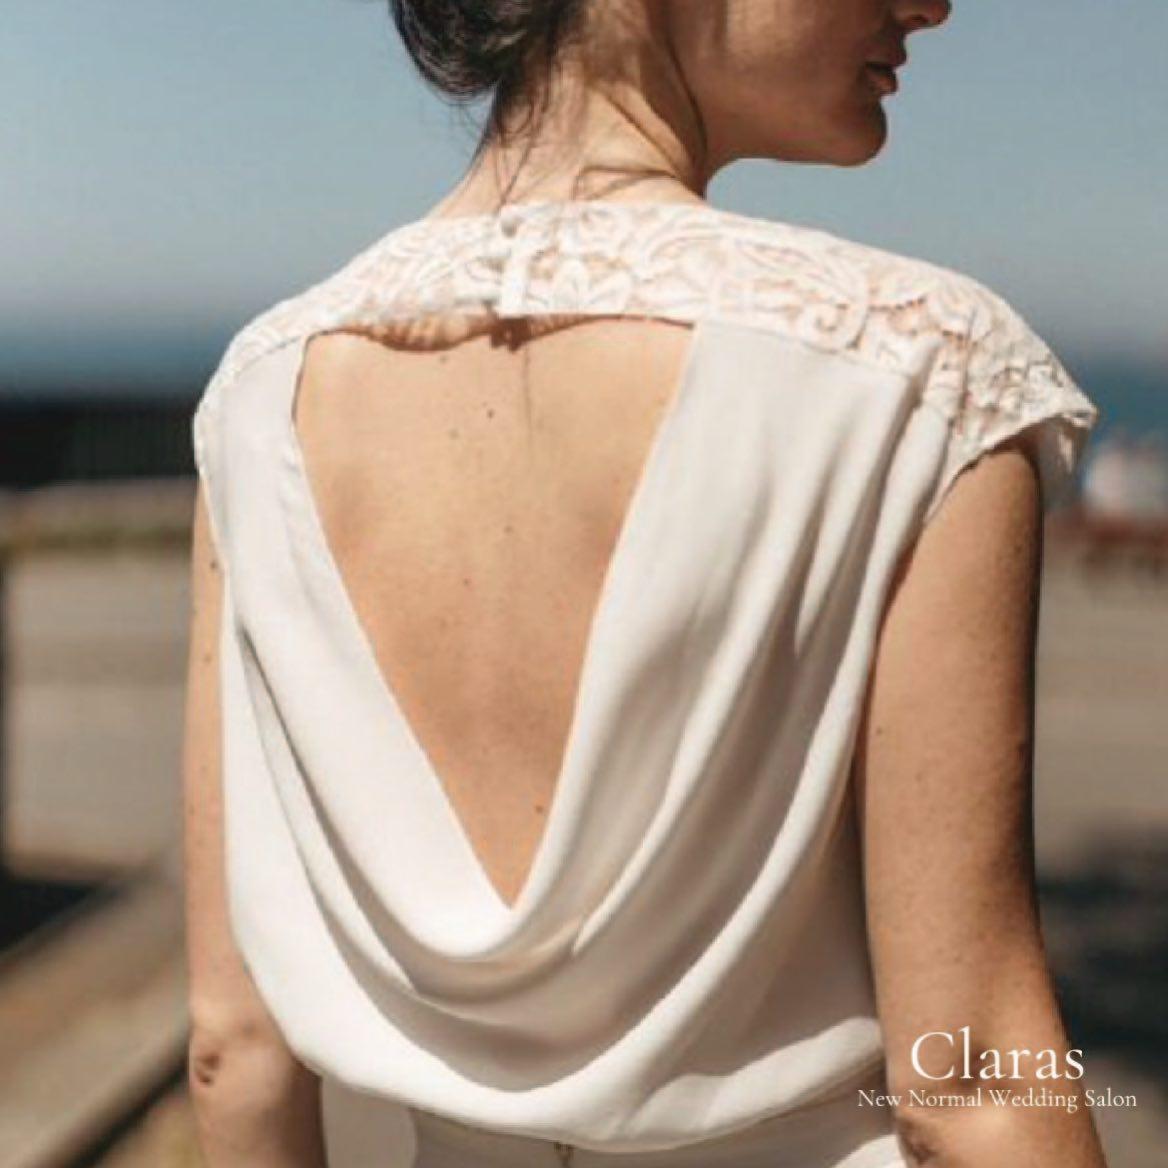 """🕊今までと違うドレス選びClarasで🕊・インポートドレスを適正価格でお届けするのがClarasレンタルでは叶わない繊細で上質な素材も、ジャストサイズだから再現できるデザイン美も販売だからこそ叶えていける🤍Parisに関連会社があるからこそ直輸入での適正価格・Clarasは1組ずつ貸切でご案内寛ぎながら本当にその方に合った1着へと導きます自分だけのための1着を選びに来てください結婚式やフォトなど迷ってる方でもまずはClarasへ🤍長年様々なウエディングに携わってきたClarasスタッフより、細かなカウンセリングを行い的確ななご提案をさせていただきますご予約はDMからでも承れます・New Normal Wedding Salon""""Claras""""https://claras.jp/・about """"Claras""""…(ラテン語で、明るい·輝く)As(明日· 未来, フランス語て最高、一番) ・明るく輝く明日(未来) に貢献したいという想いを込めています🕊Fashionの都Parisをはじめ、欧米から選りすぐりのドレスをこれから出逢う花嫁のために取揃えました・2021.3.7 (Sun)NEW OPEN・Dressから始まるWedding Story""""憧れていた Dress選びから始まる結婚準備があったっていい""""・さまざまな新しい「価値」を創造し発信していきますこれからの新しい Wedding の常識を""""Claras """"から🕊・New Normal Wedding Salon【Claras】〒107-0061 東京都港区北青山2-9-14SISTER Bldg 1F(101) 東京メトロ銀座線 外苑前駅3番出ロより徒歩2分Tel:03 6910 5163HP: https://claras.jp営業時間:平日 12:00-18:00 土日祝11:00-18:00(定休日:月・火)・#wedding #weddingdress #legeretes #claras #paris #vowrenewal#ウェディングドレス #プレ花嫁 #ドレス試着 #ドレス迷子 #2021冬婚 #ヘアメイク #結婚式  #ドレス選び #前撮り #インポートドレス #フォトウェディング #ウェディングヘア  #フォト婚 #ニューノーマル #ブライダルフォト #カップルフォト #ウェディングドレス探し #ウェディングドレス試着 #セルドレス #ドレスショップ #家族婚 #バウリニューアル #記念日婚 #婚約しまし"""